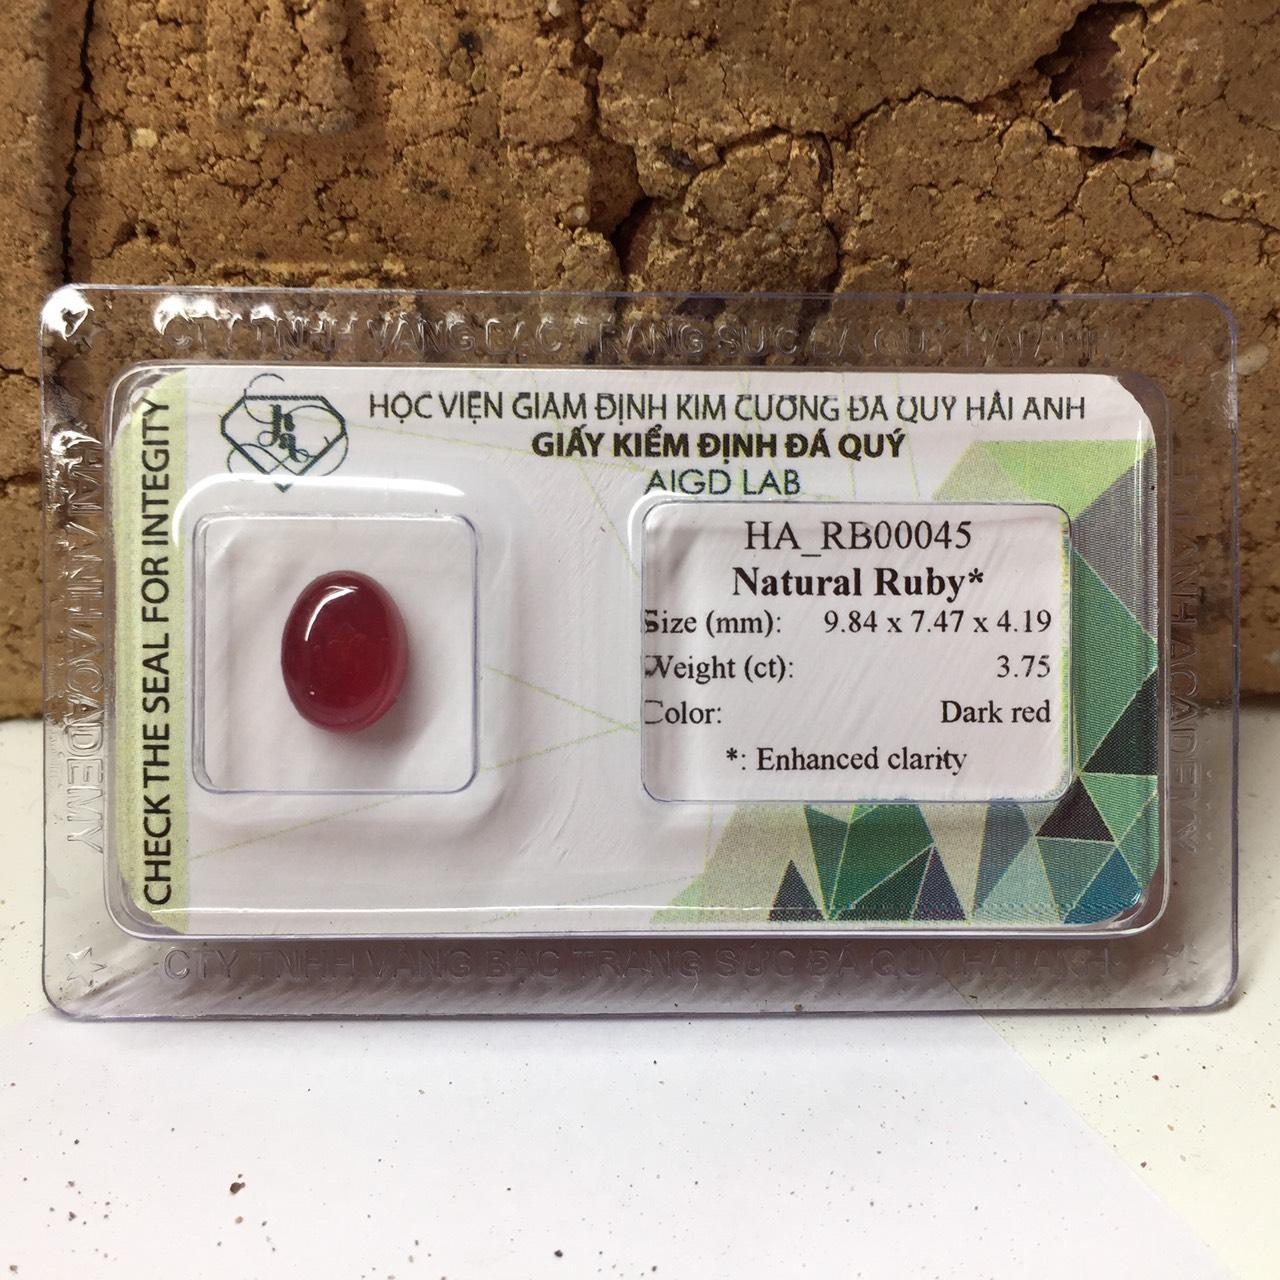 Viên đá Ruby thiên nhiên_HA-RB00045